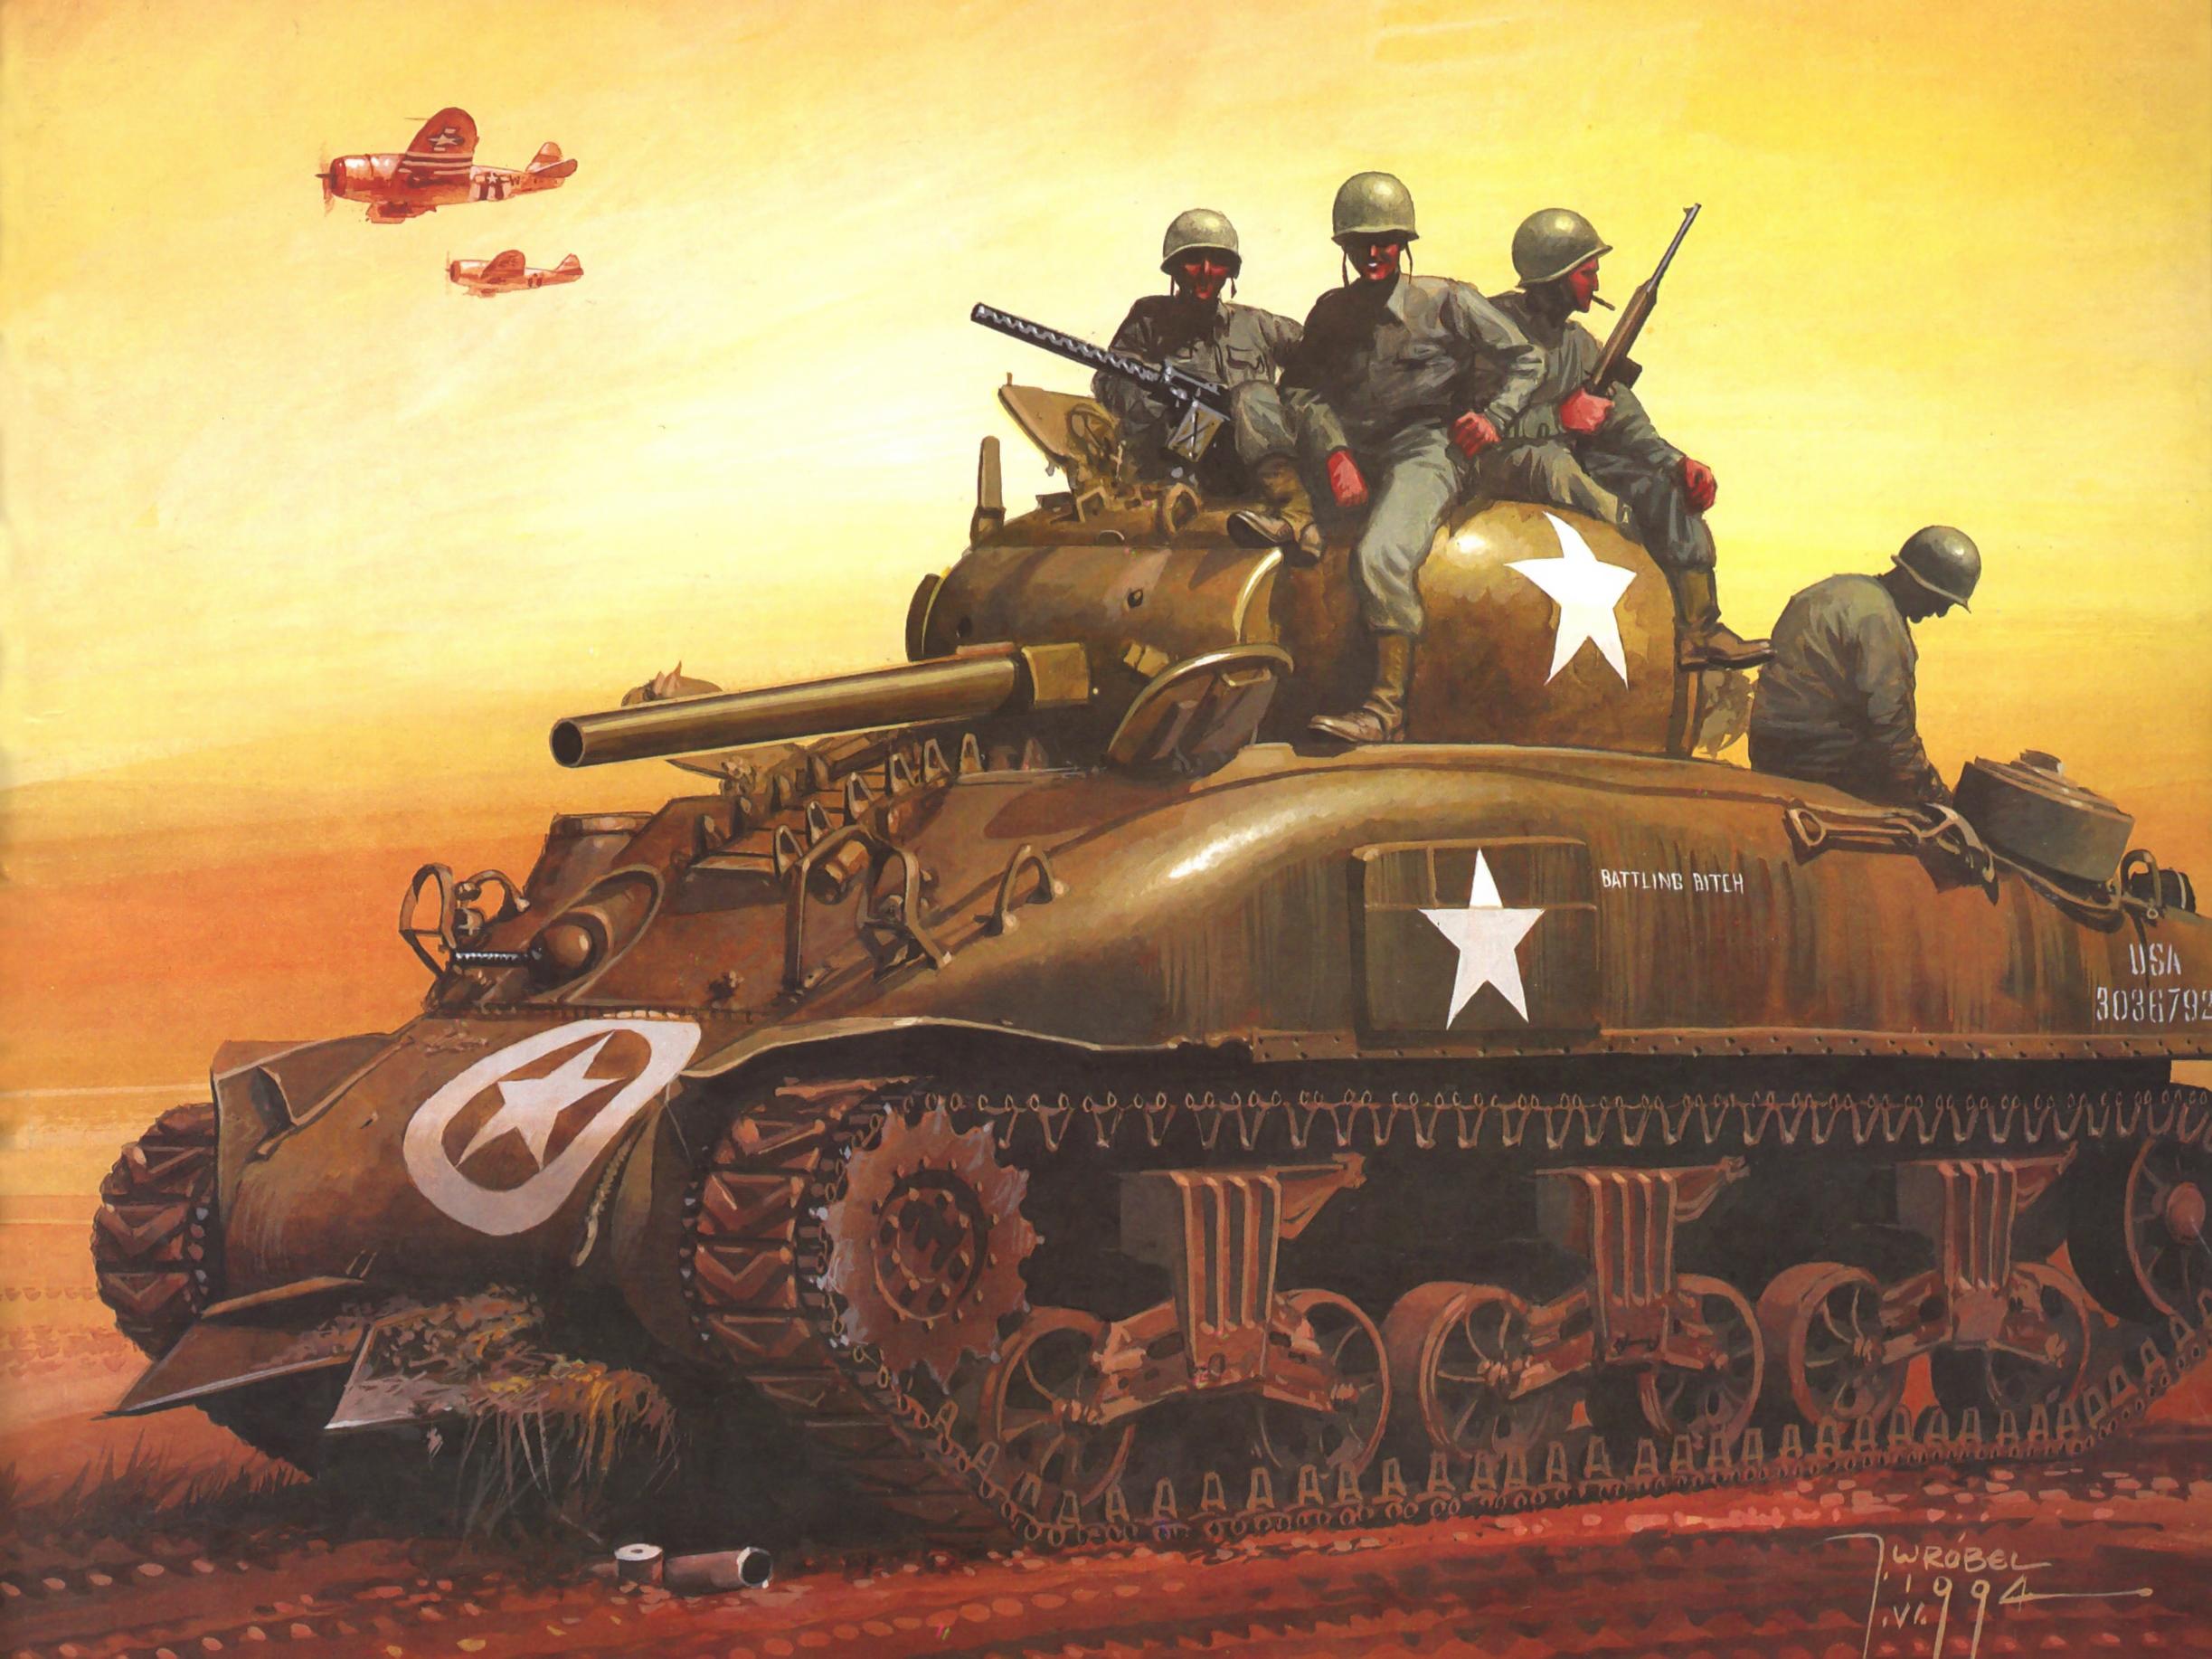 рисунок M4A1 Battling Bitch